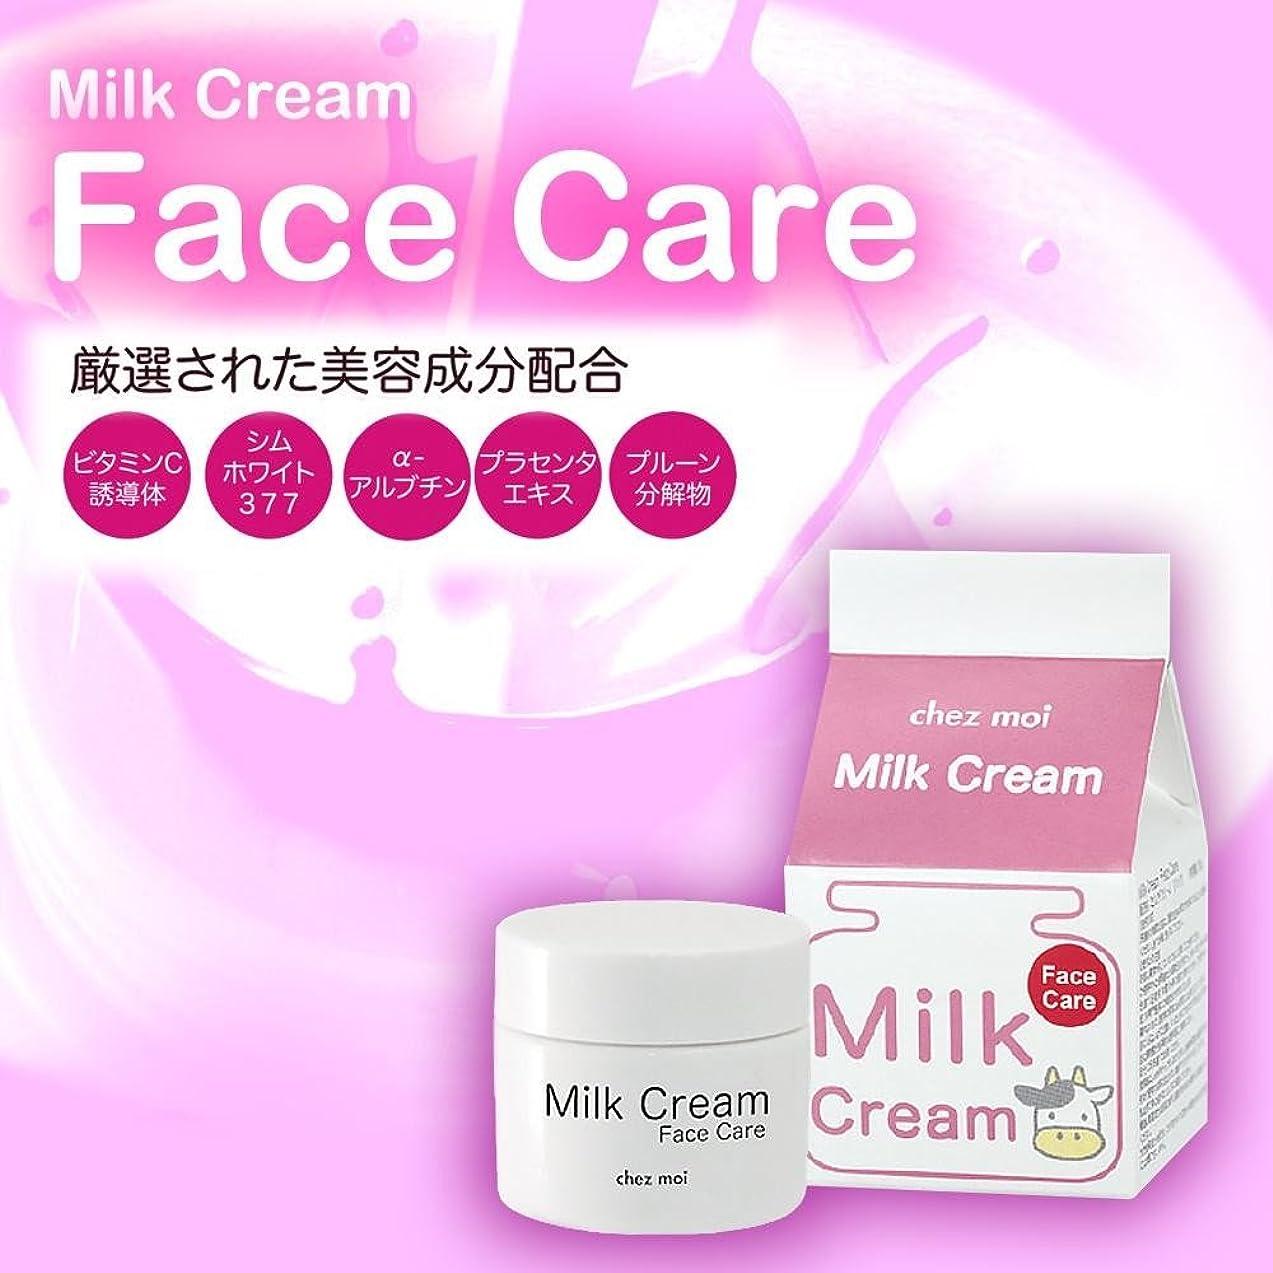 花嫁フットボール会員Milk Cream(ミルククリーム) Face Care(フェイスケア) パック 30g